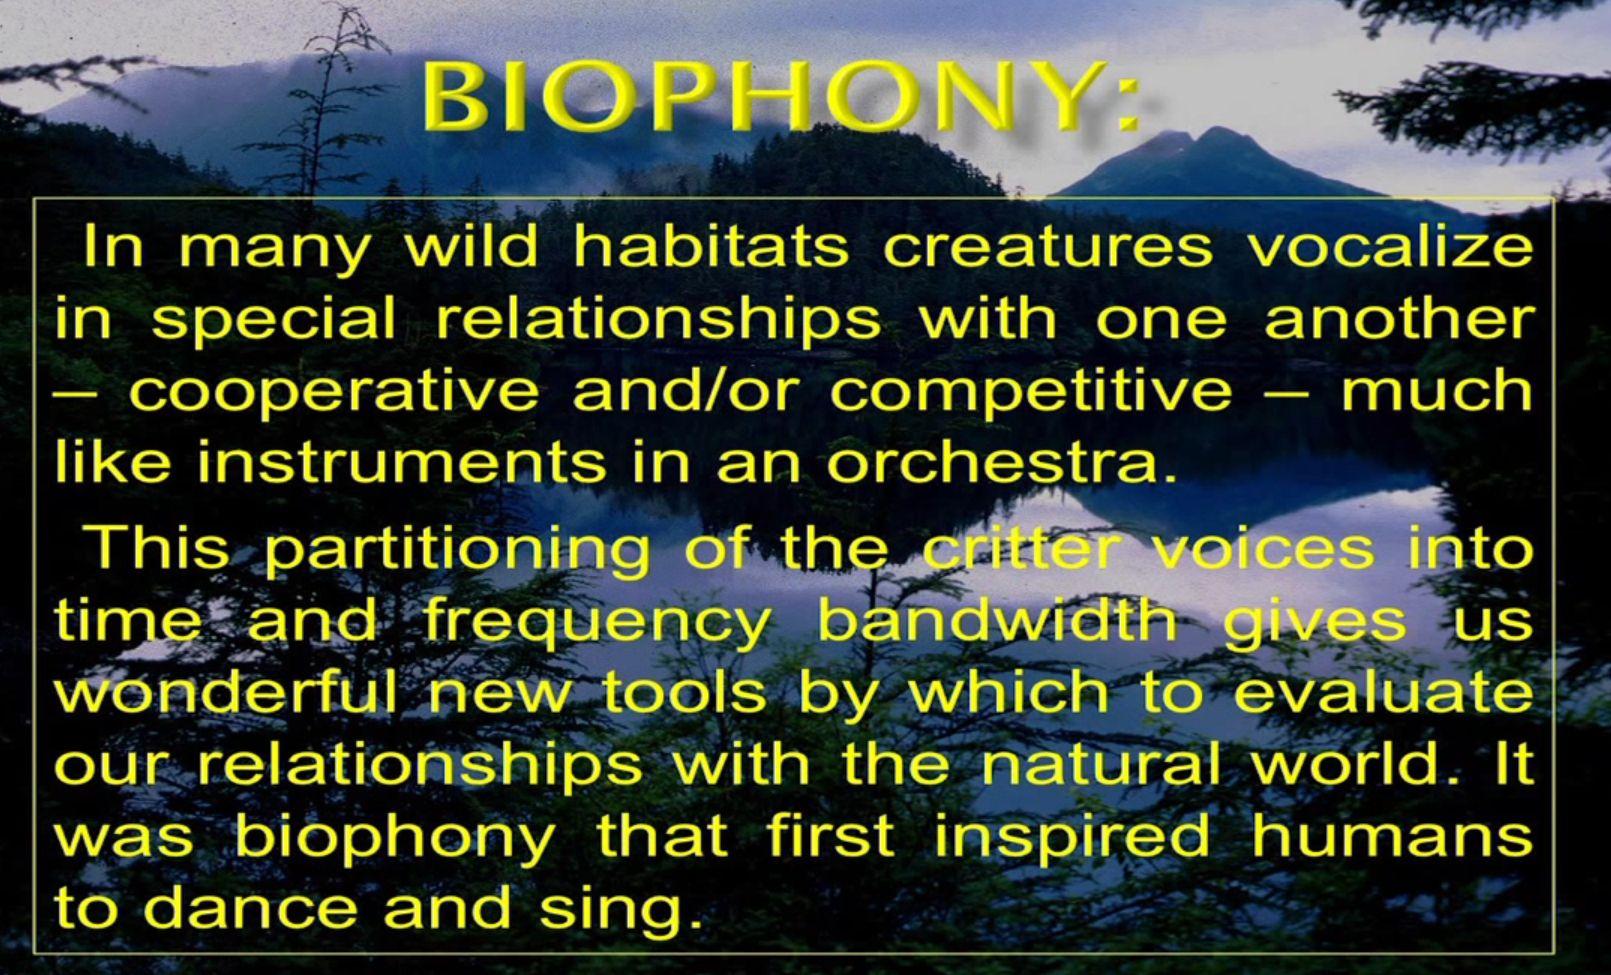 biophony